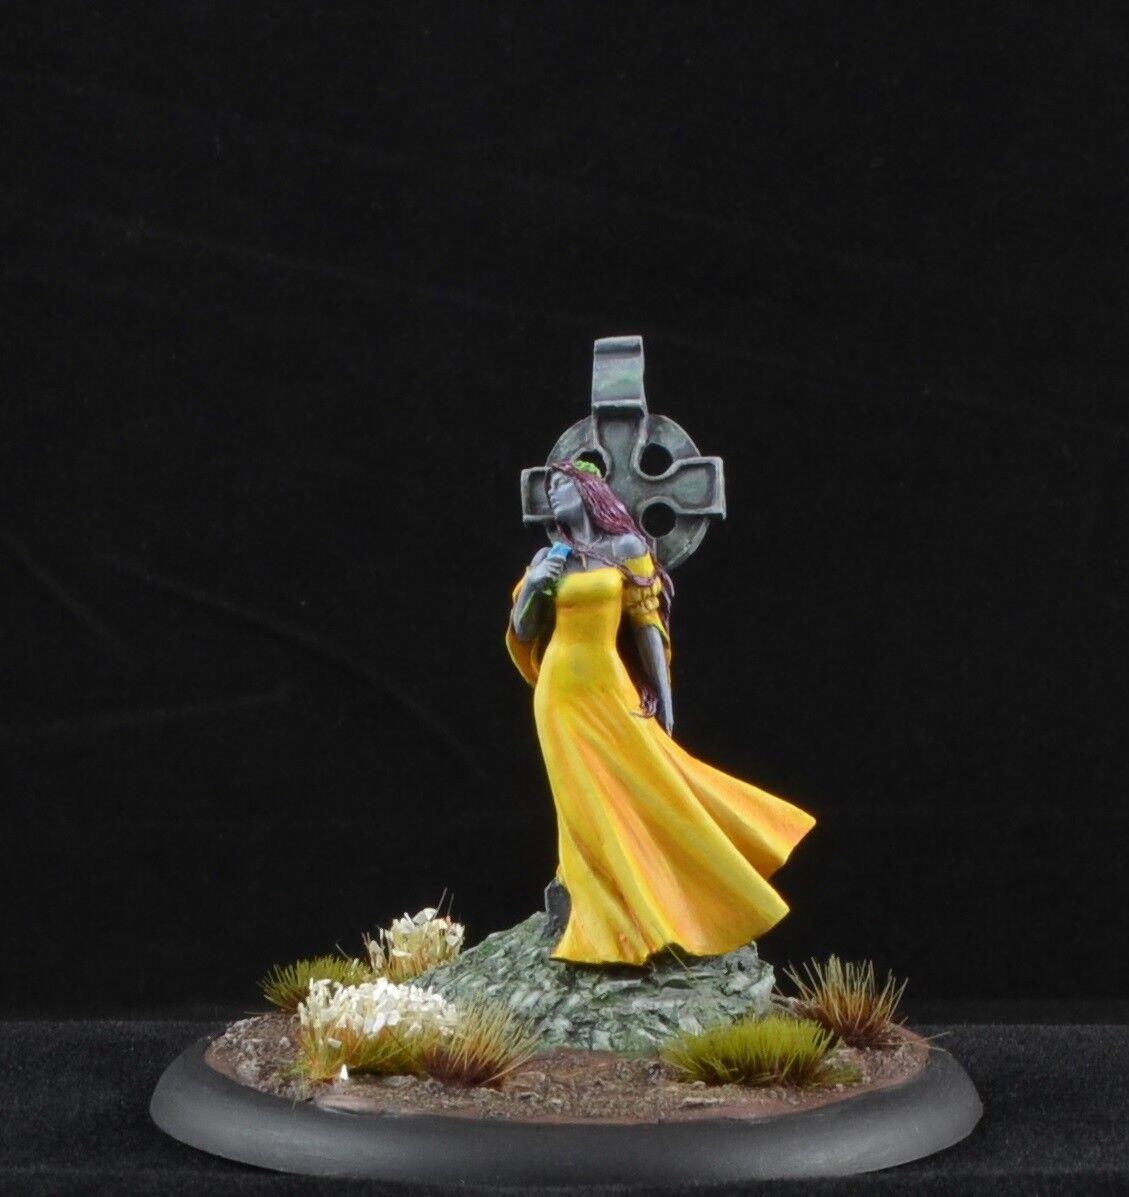 Målad Nocturna från Nocturna modellllerler hkonstsminiatyr, kvinnlig gul